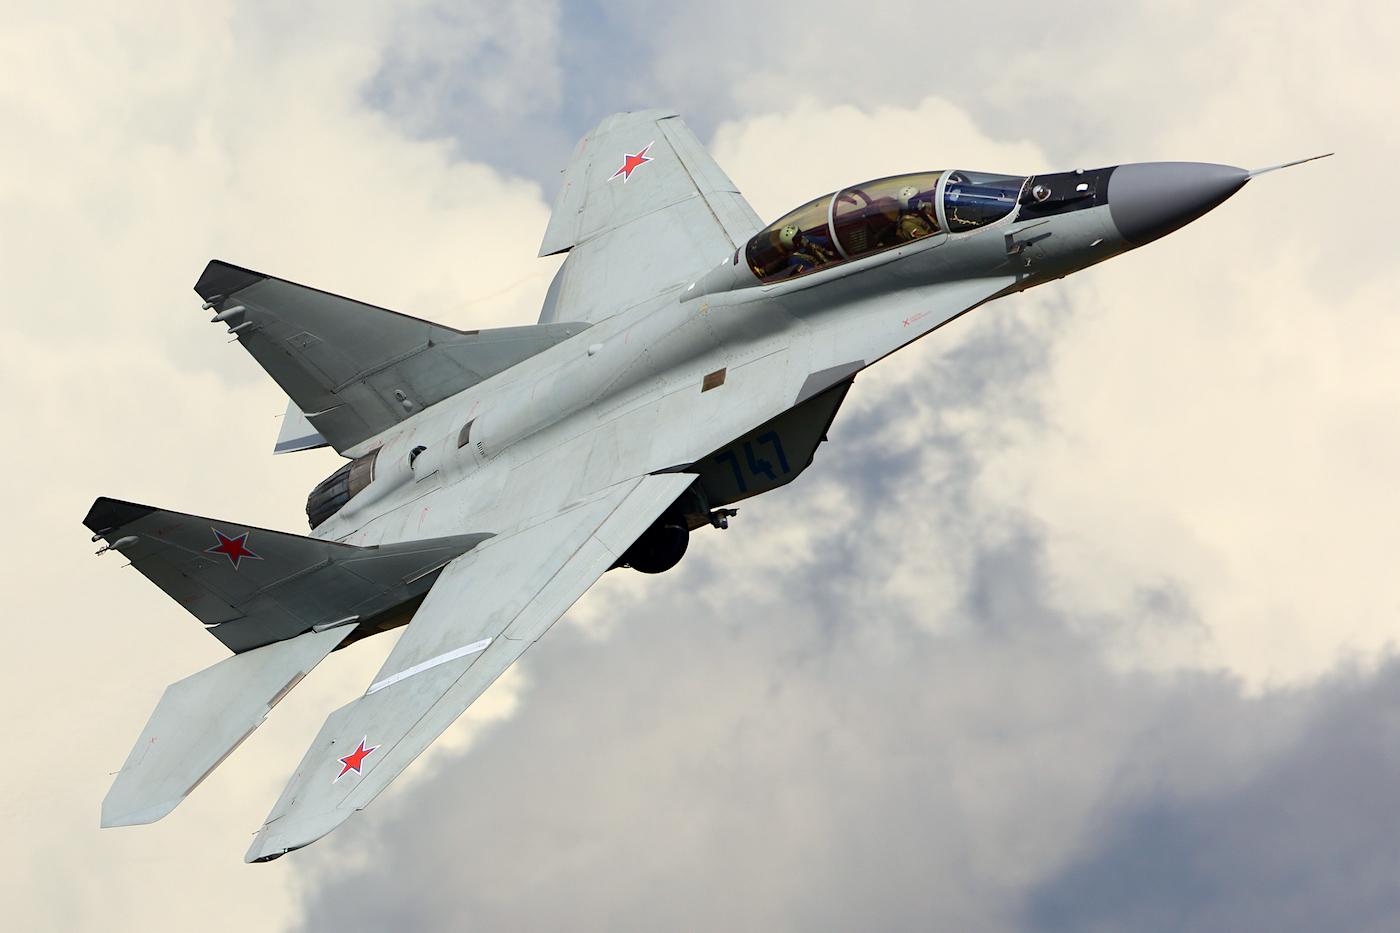 A la venta un avión de combate MiG-29 fabricado por la Unión Soviética y certificado para volar en Estados Unidos